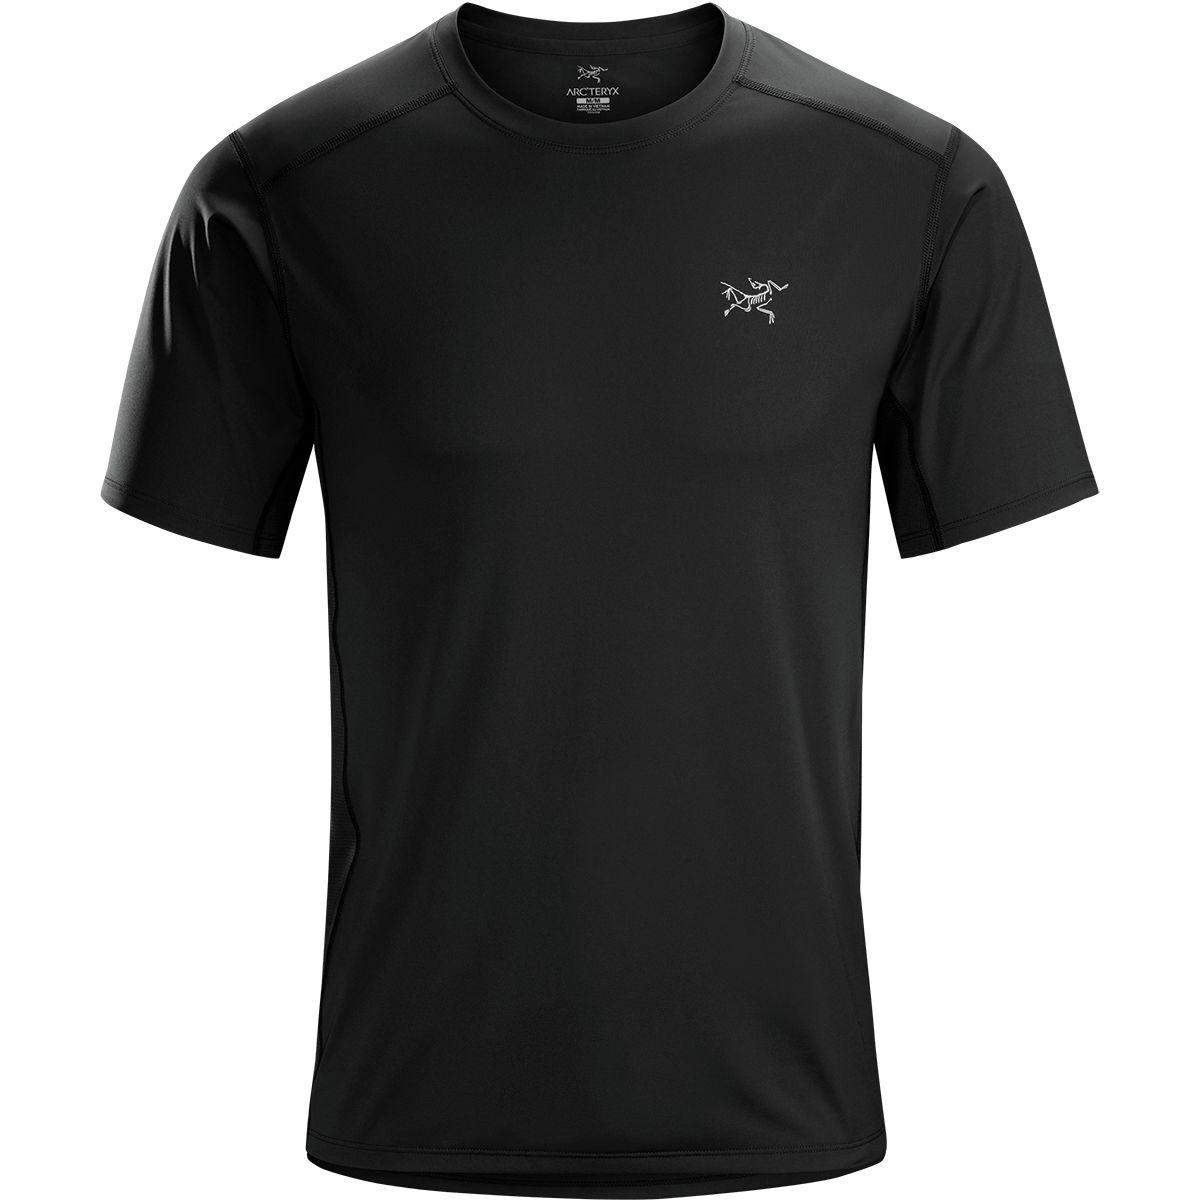 Arc'teryx Ether Crew Short Sleeve